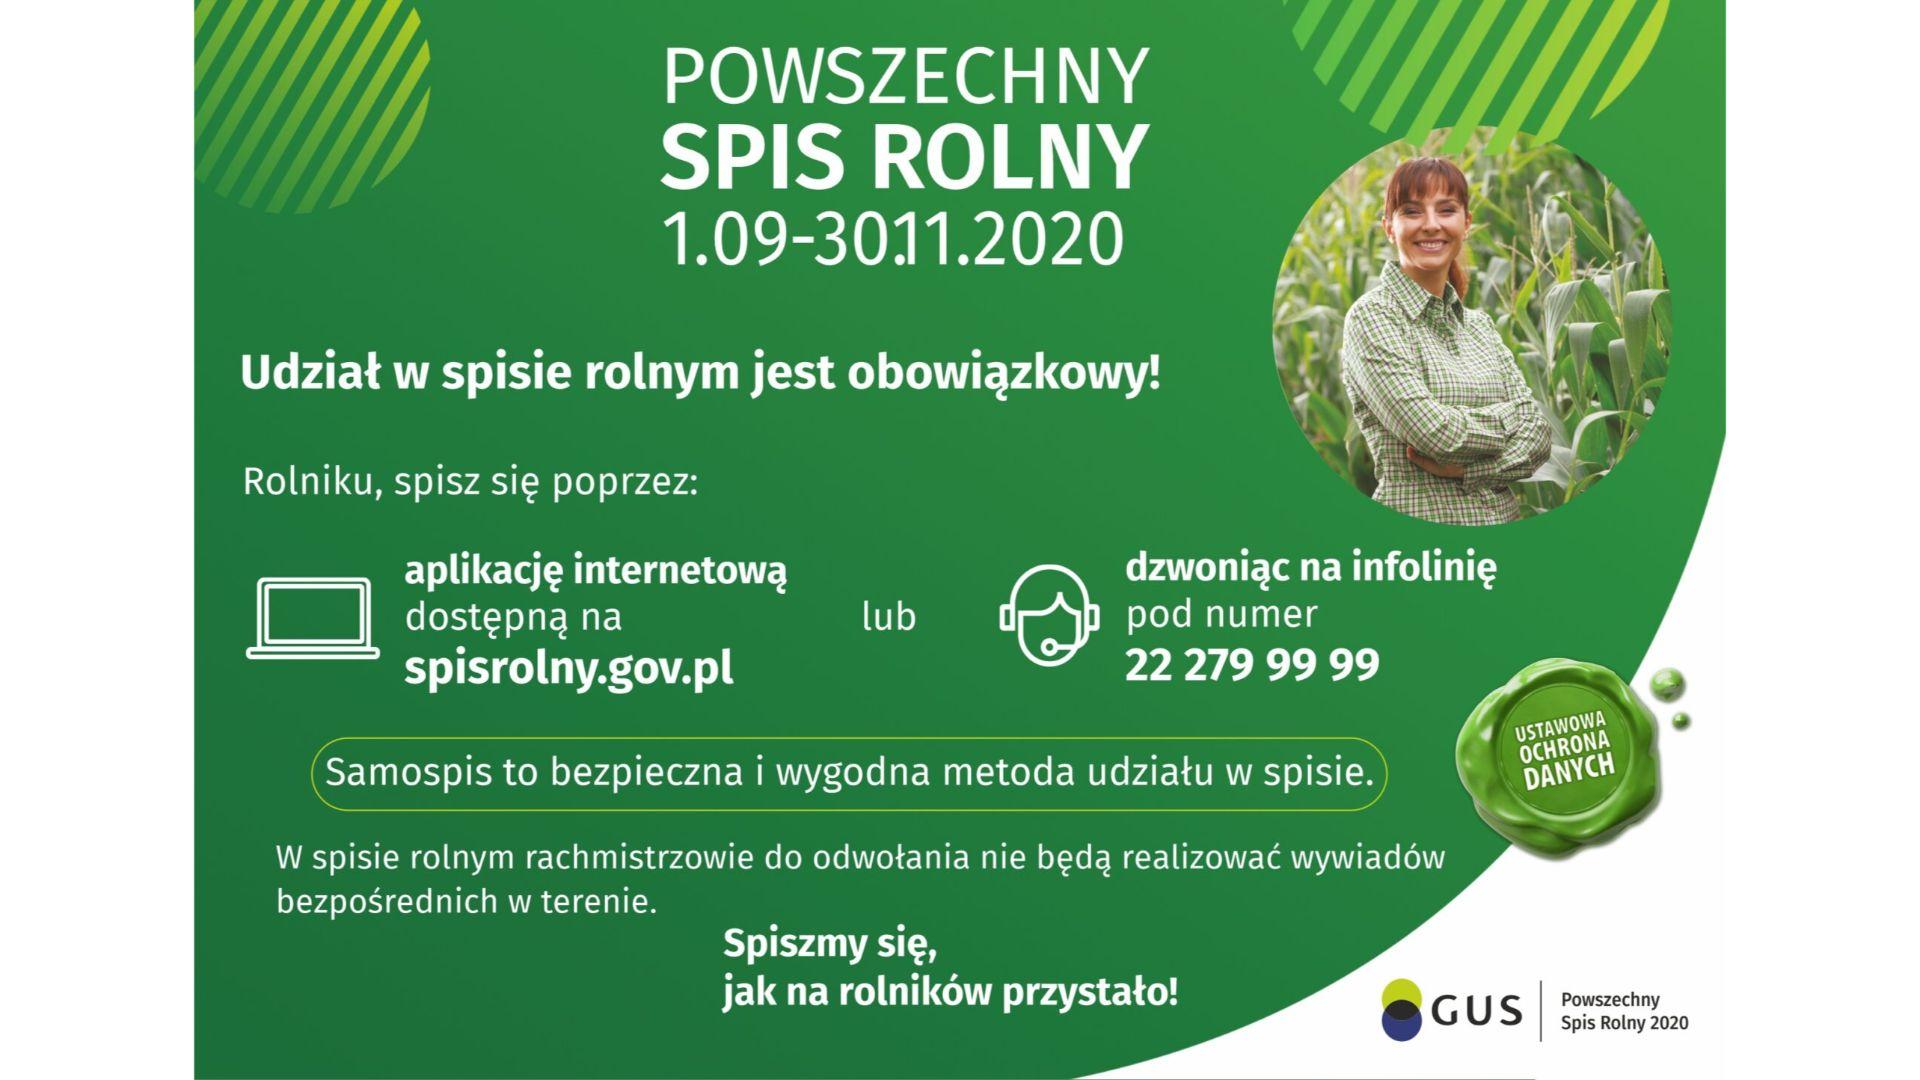 Informacja na temat sposobu realizacji Powszechnego Spisu Rolnego w 2020